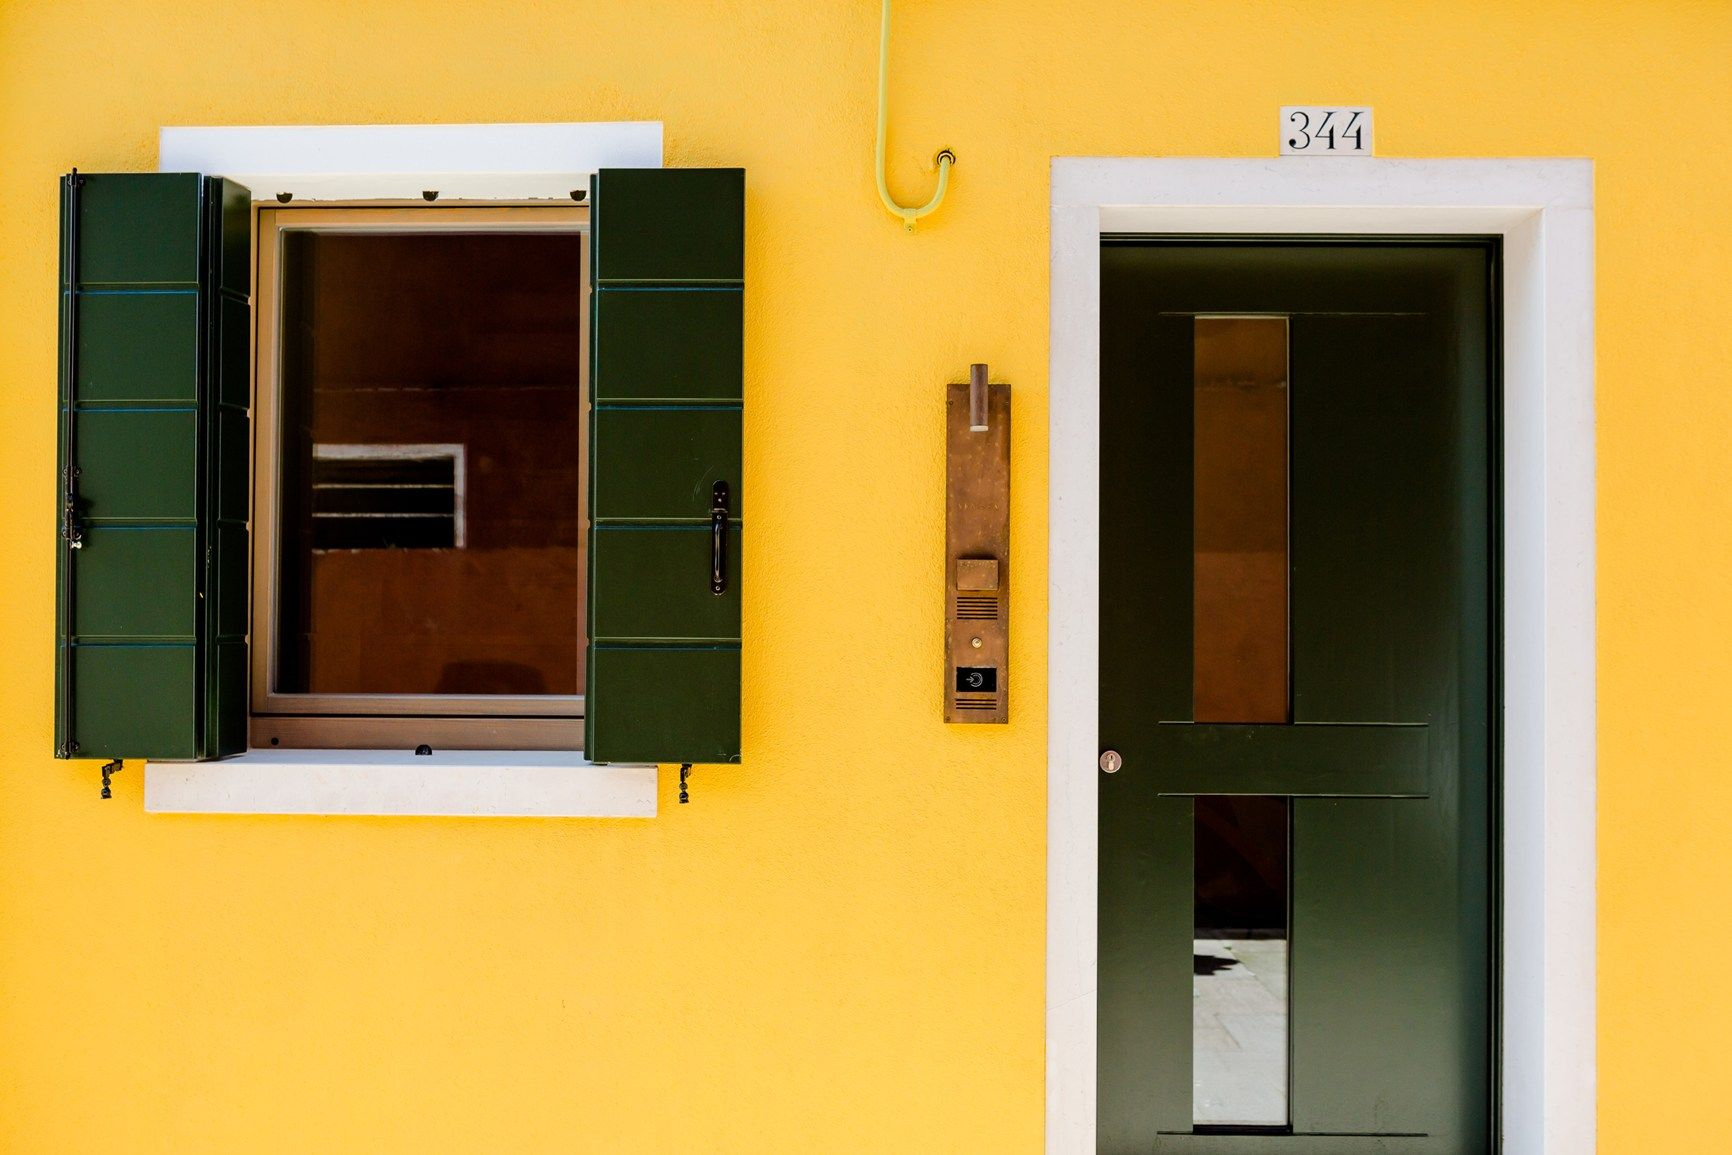 Vimar per Venissa - Photo ©Mattia Mionetto